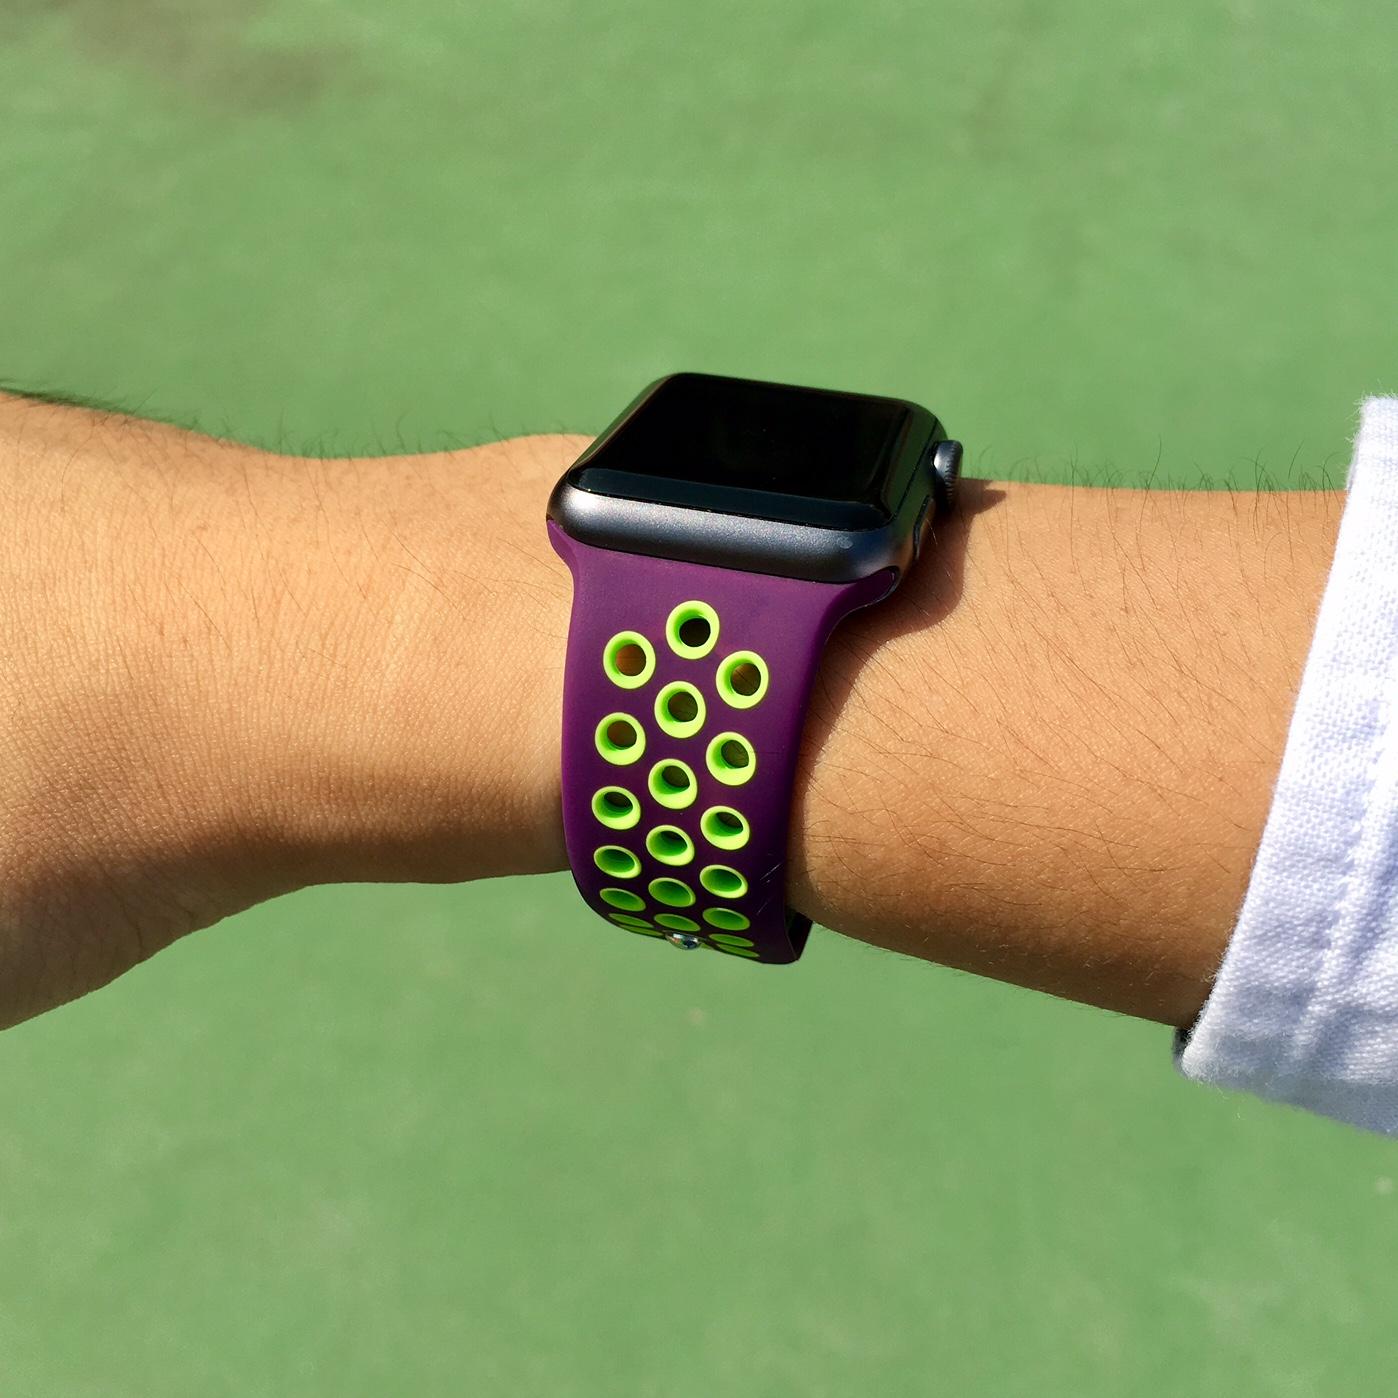 nike-band-purple-green-2